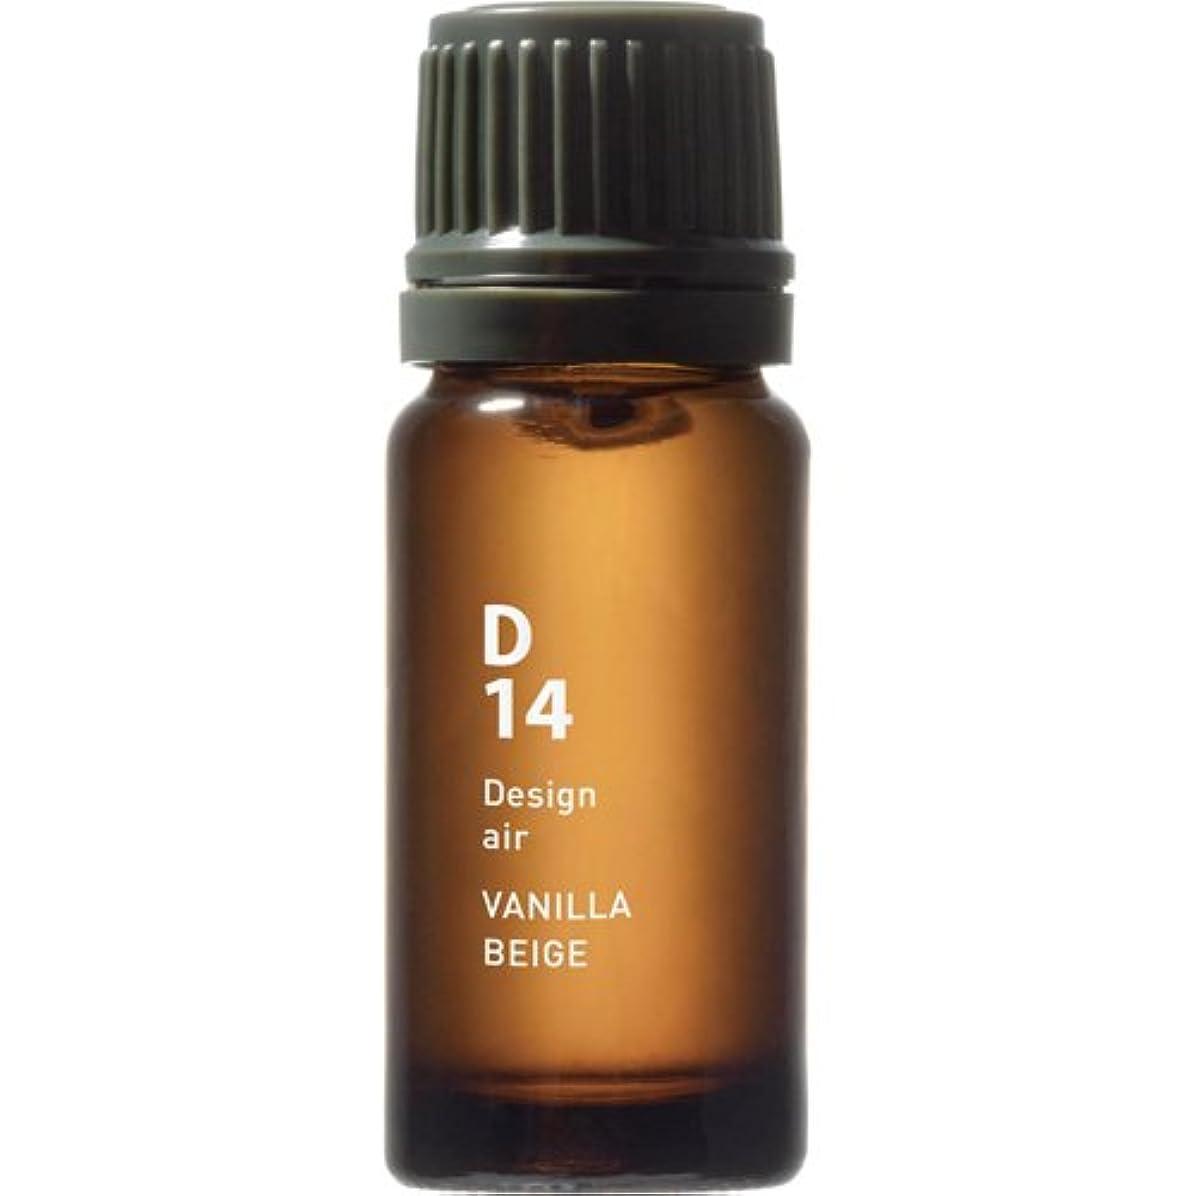 活気づける腫瘍魂D14 VANILLA BEIGE Design air 10ml